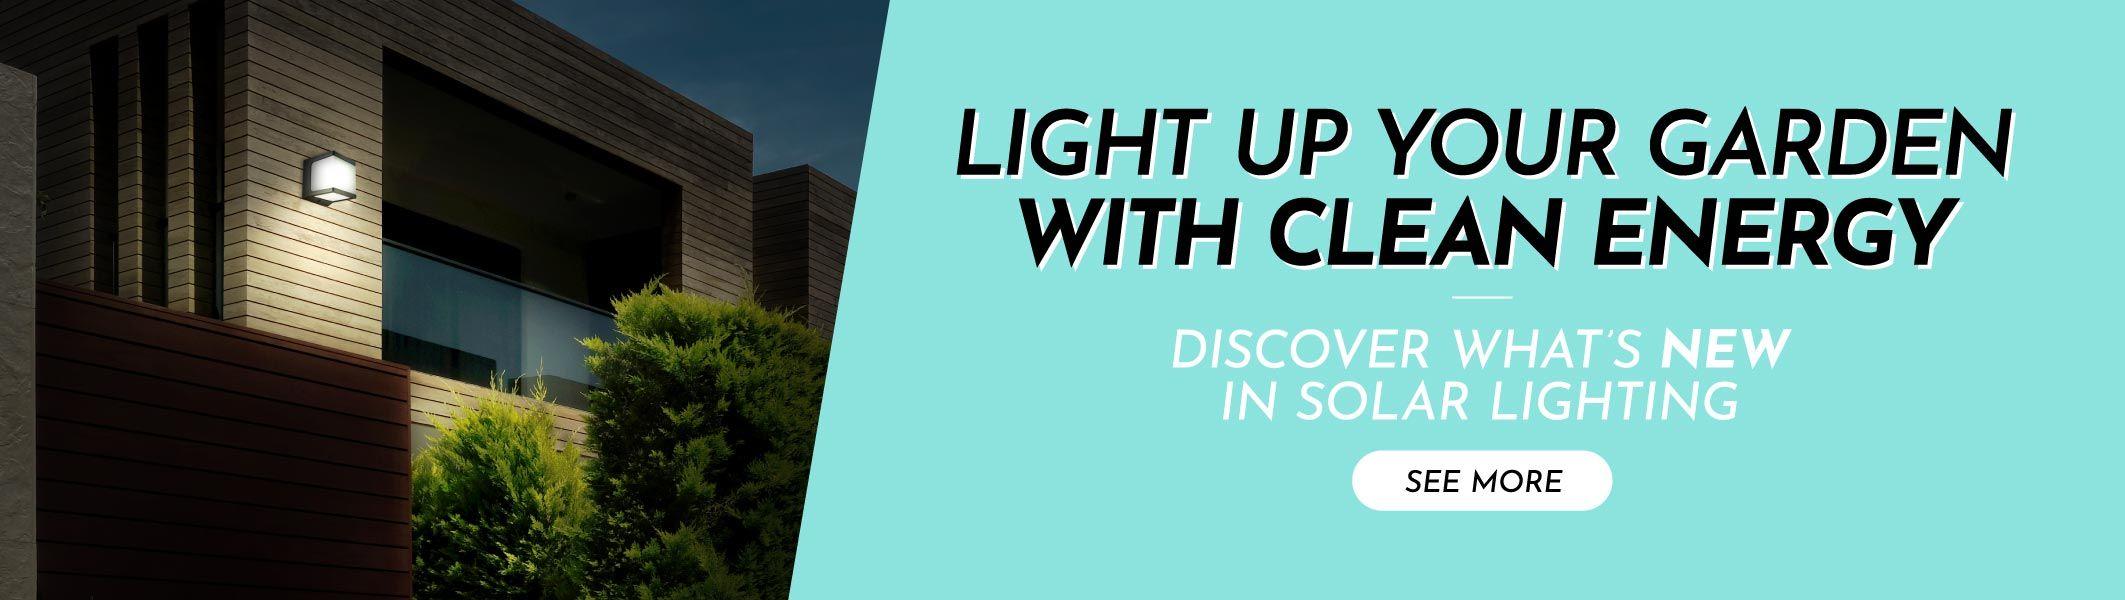 Novedades iluminación solar banner en inglés